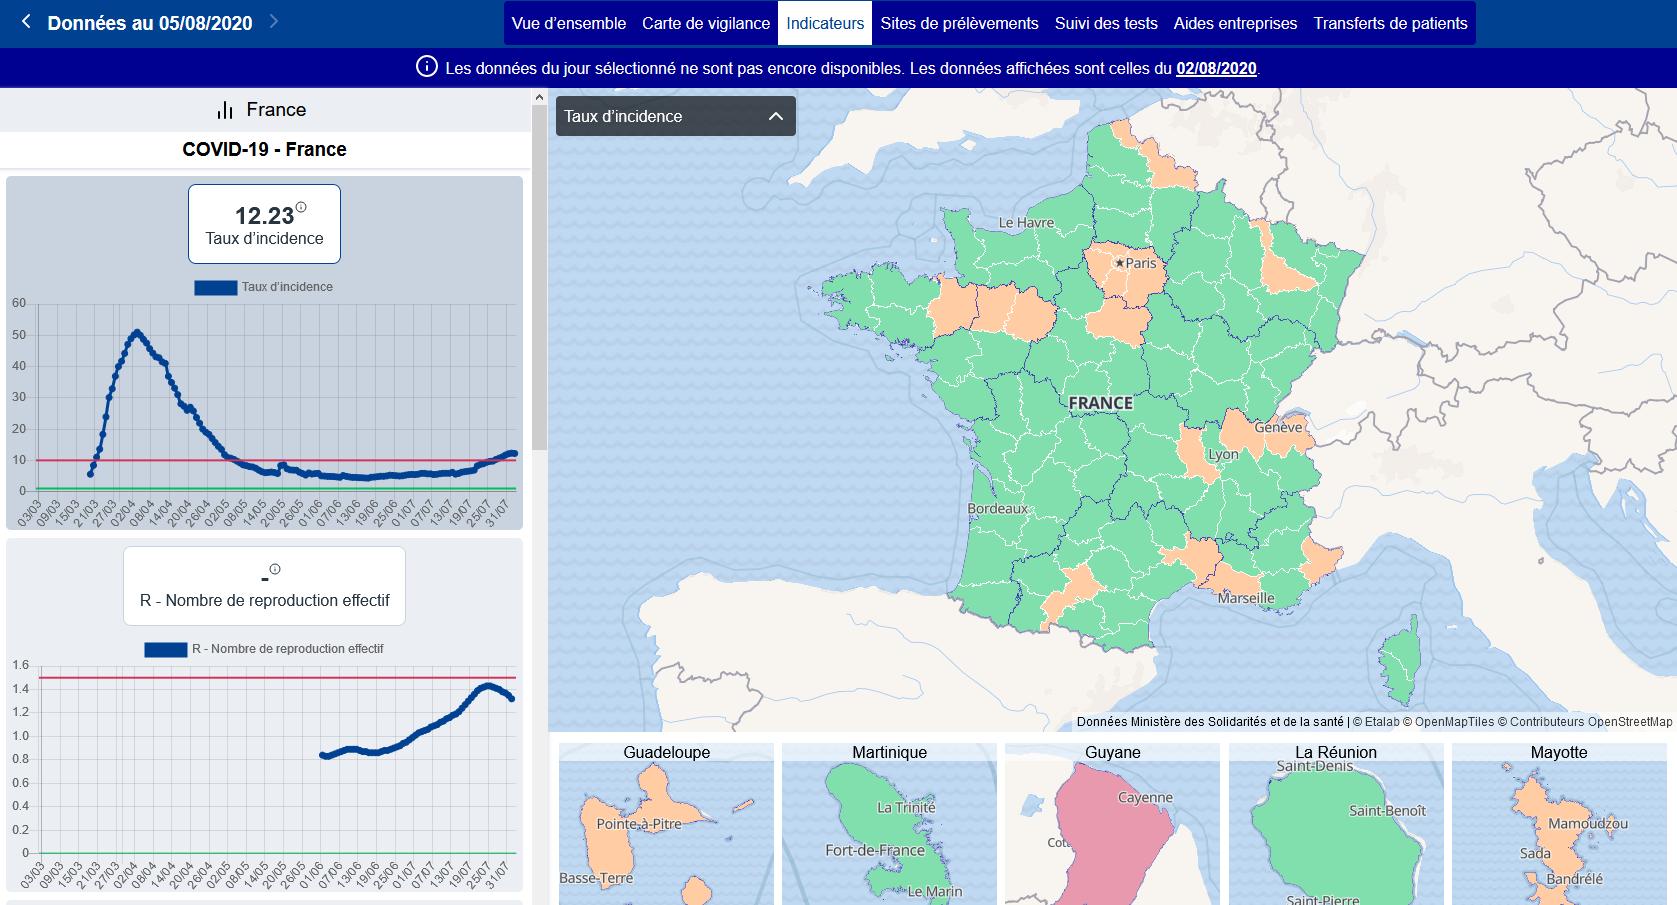 Le taux d'incidence au 2 août 2020 (capture d'écran réalisée le 6 août)